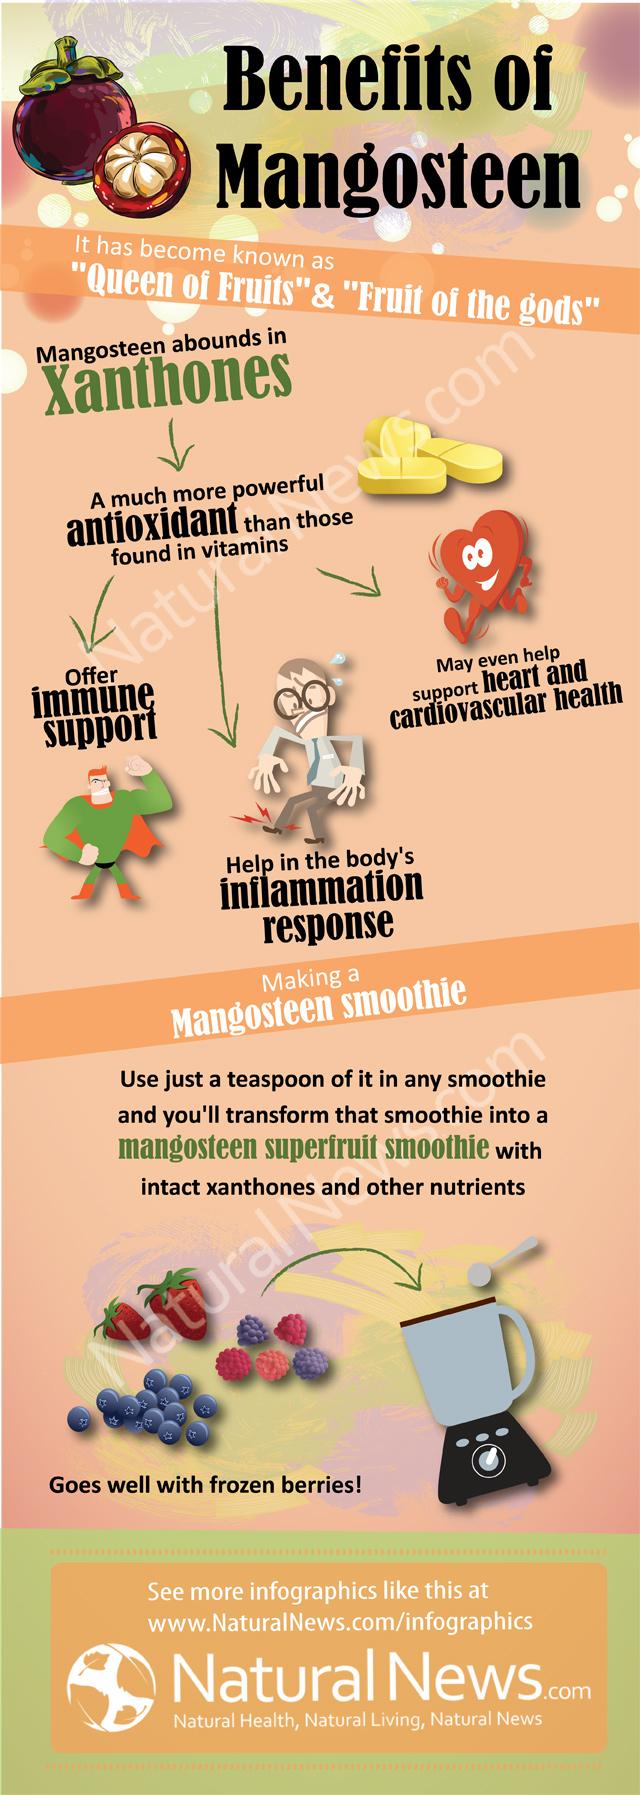 Benefits of Mangosteen